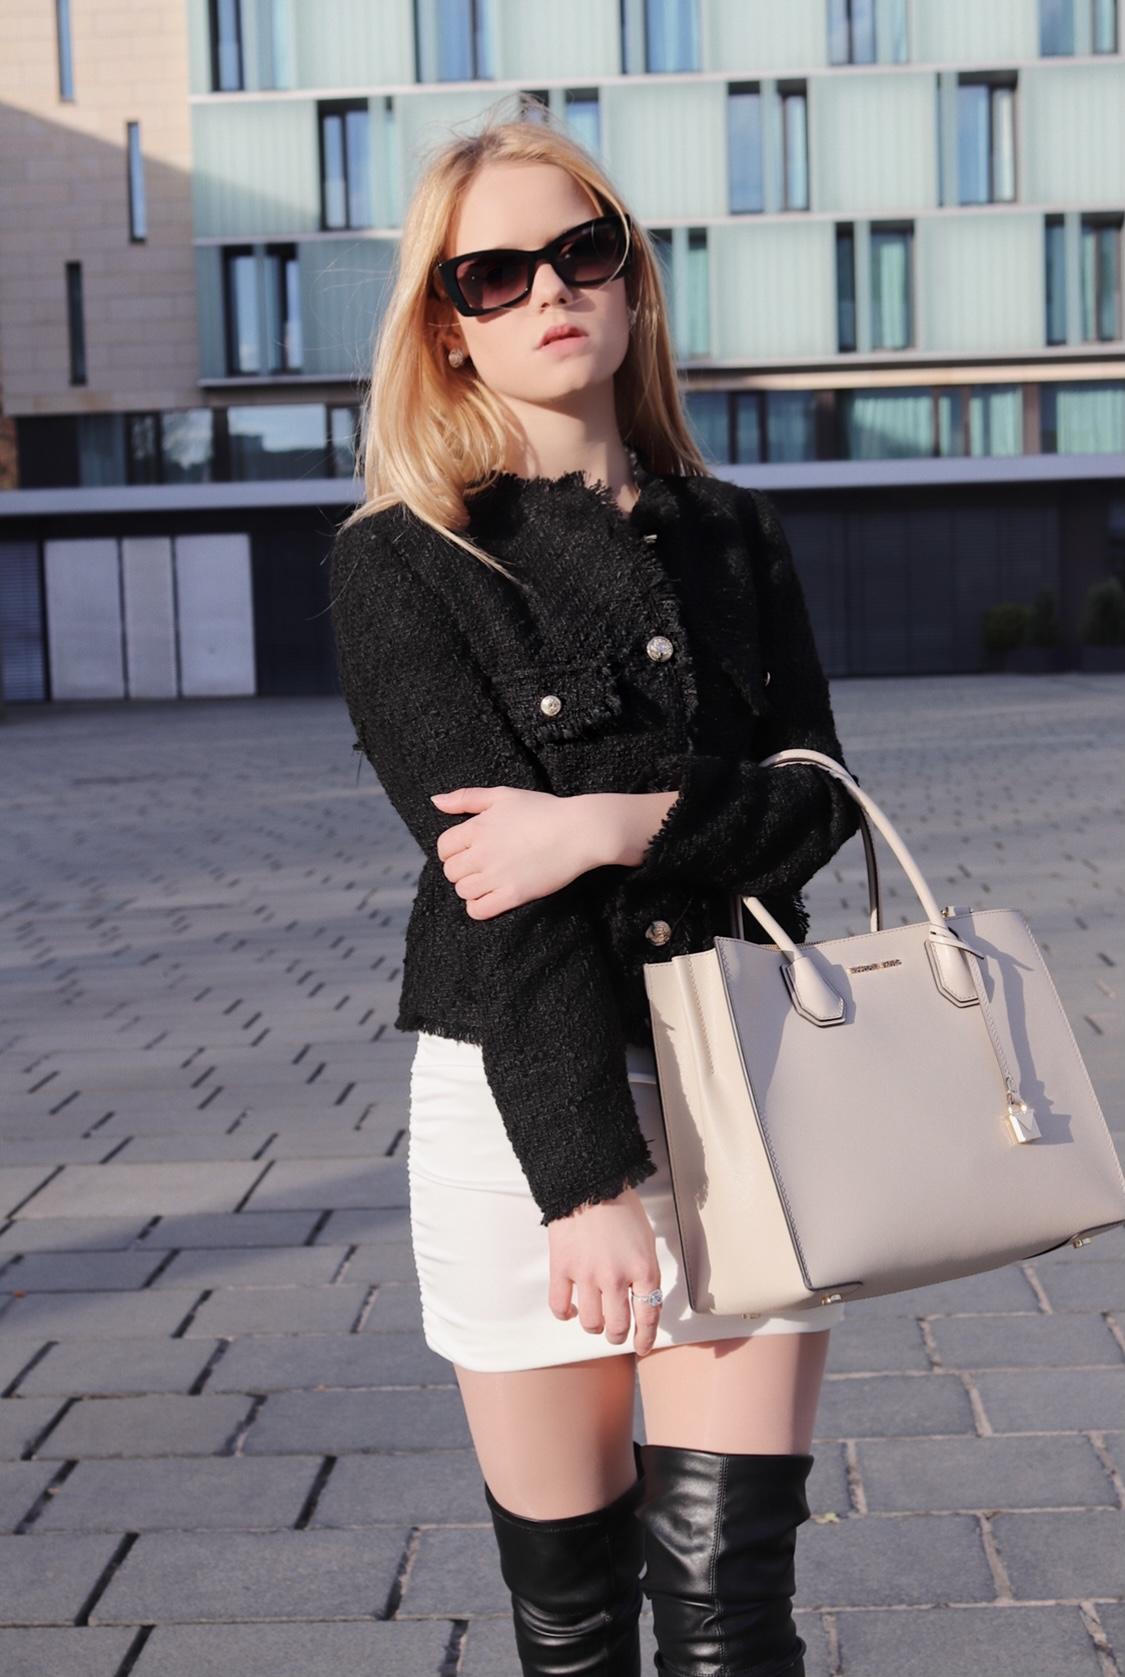 Gossip Girl inspiriertes Outfit, mit einer Tweetjacke und einem Kleid, welches bei diesemOutfit als Rock genutzt wird.